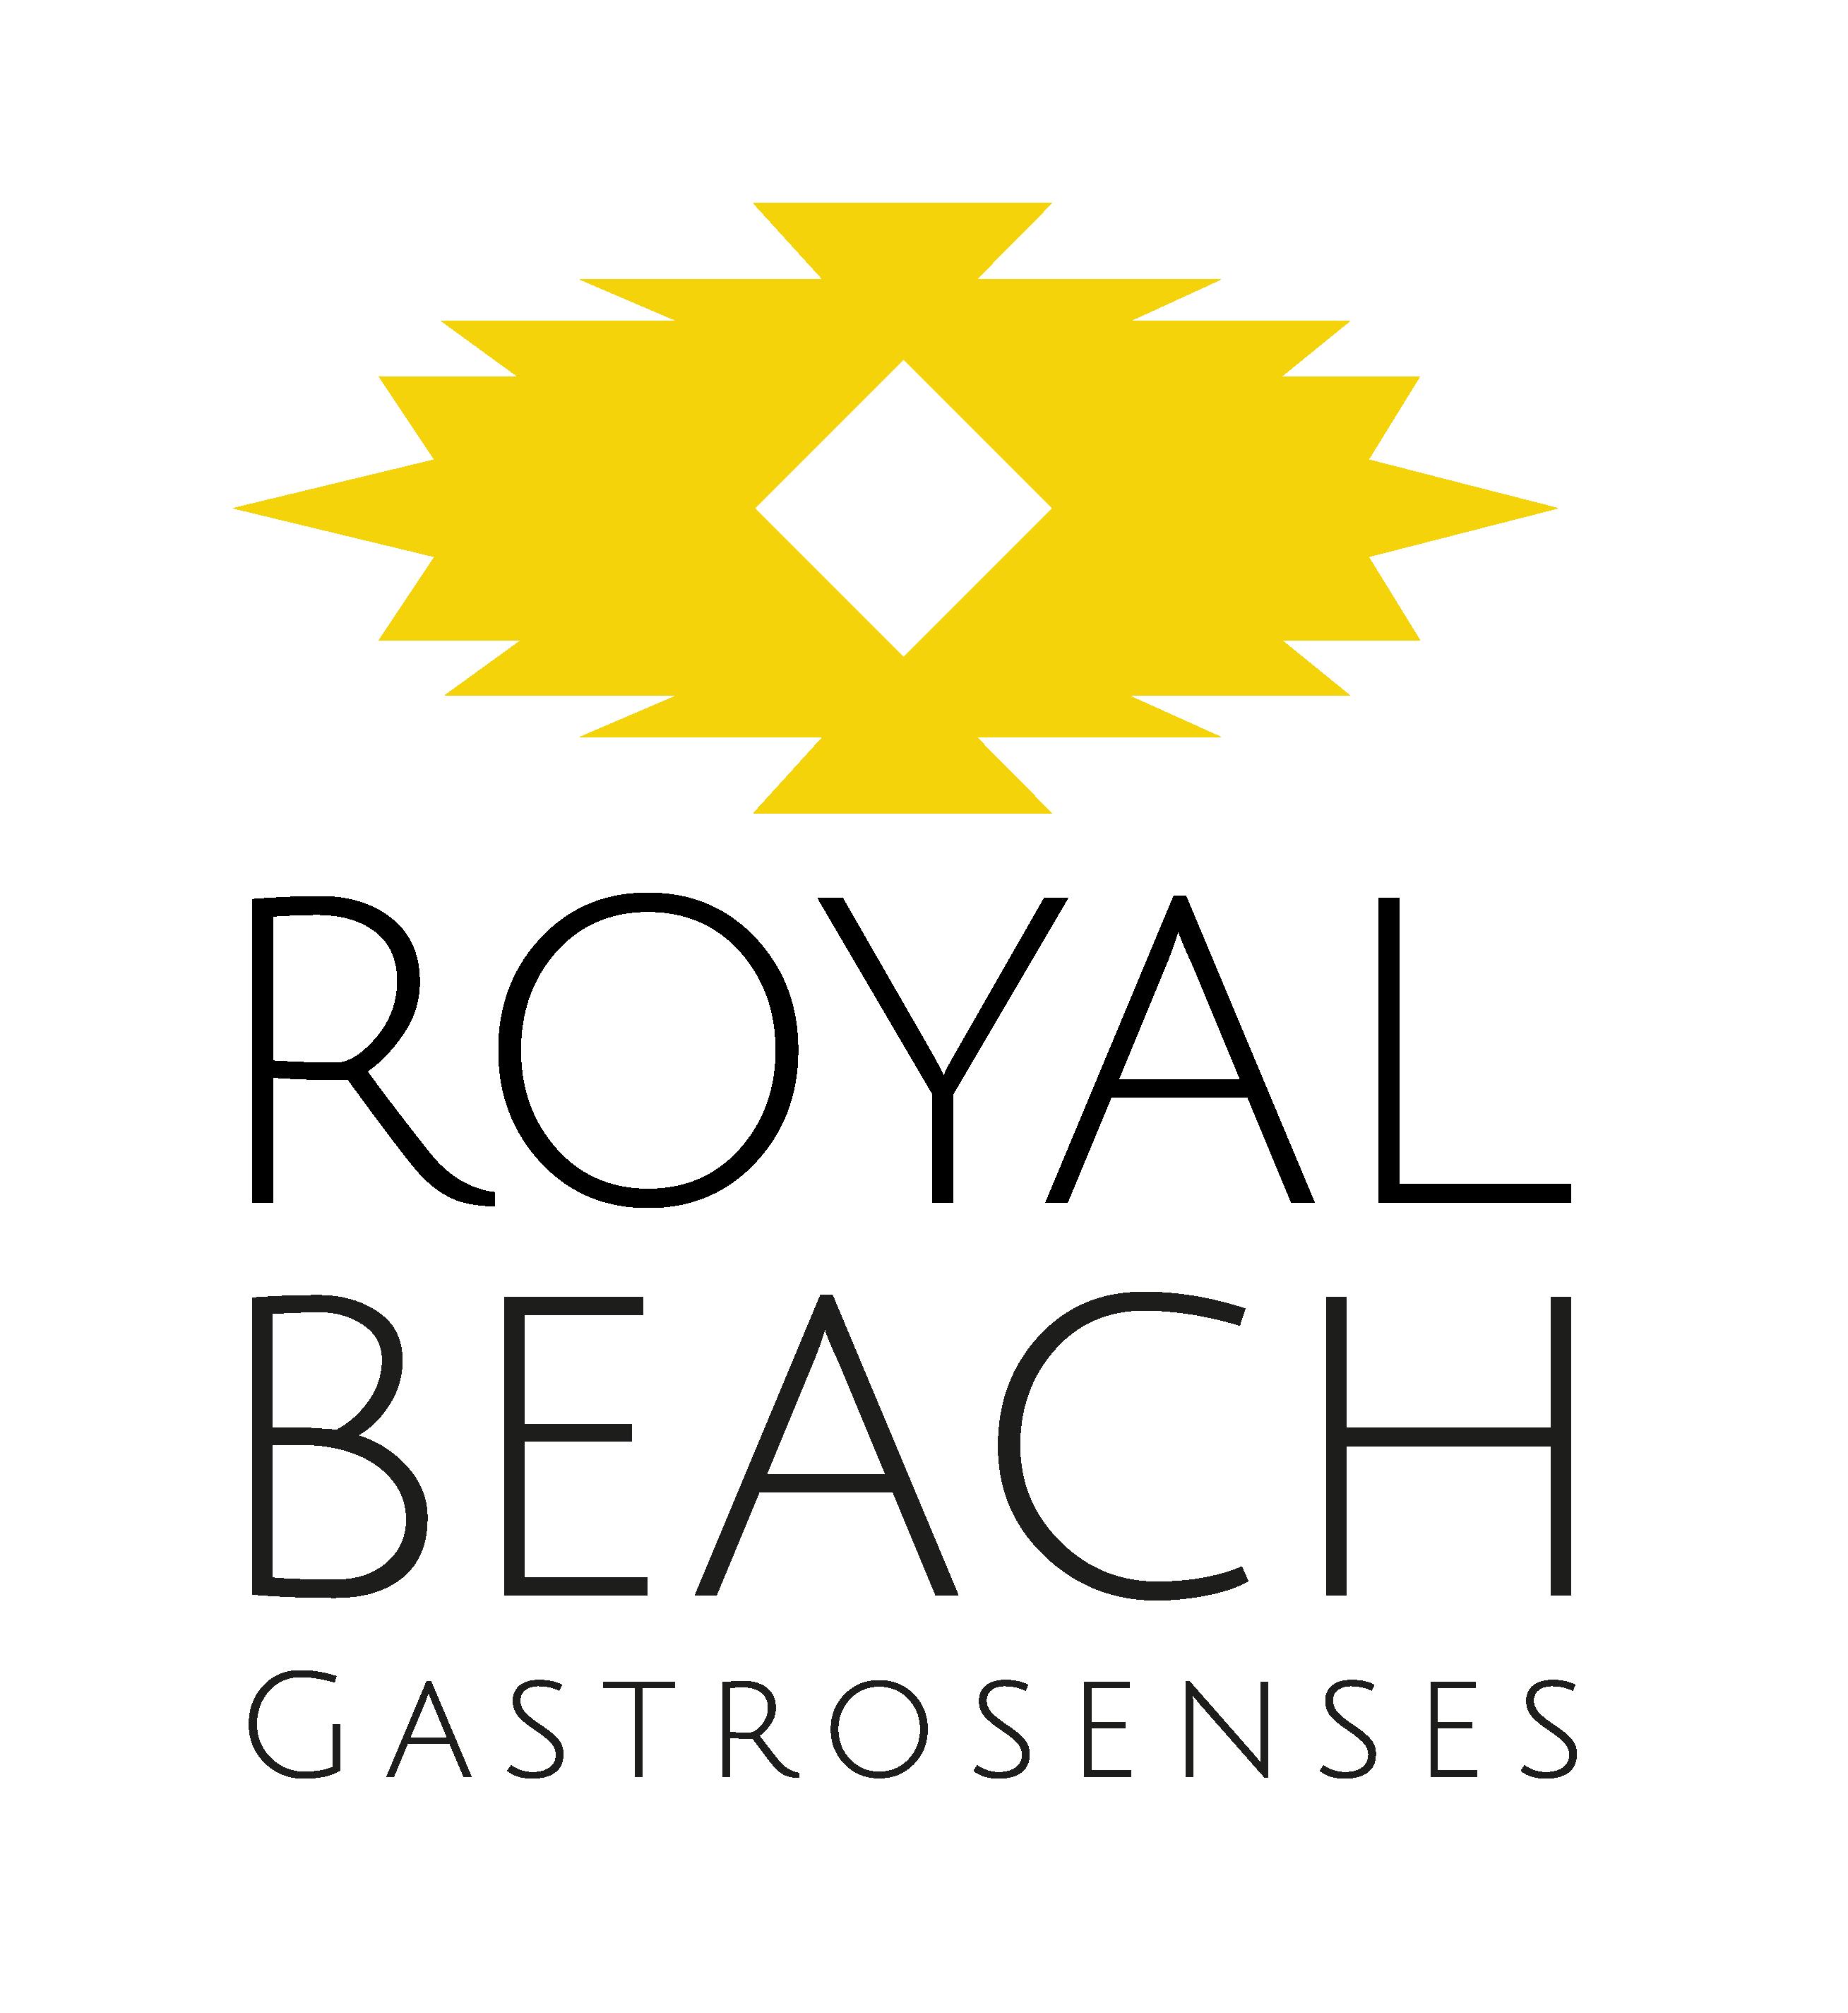 ROYAL BEACH GASTROSENSES S.L.